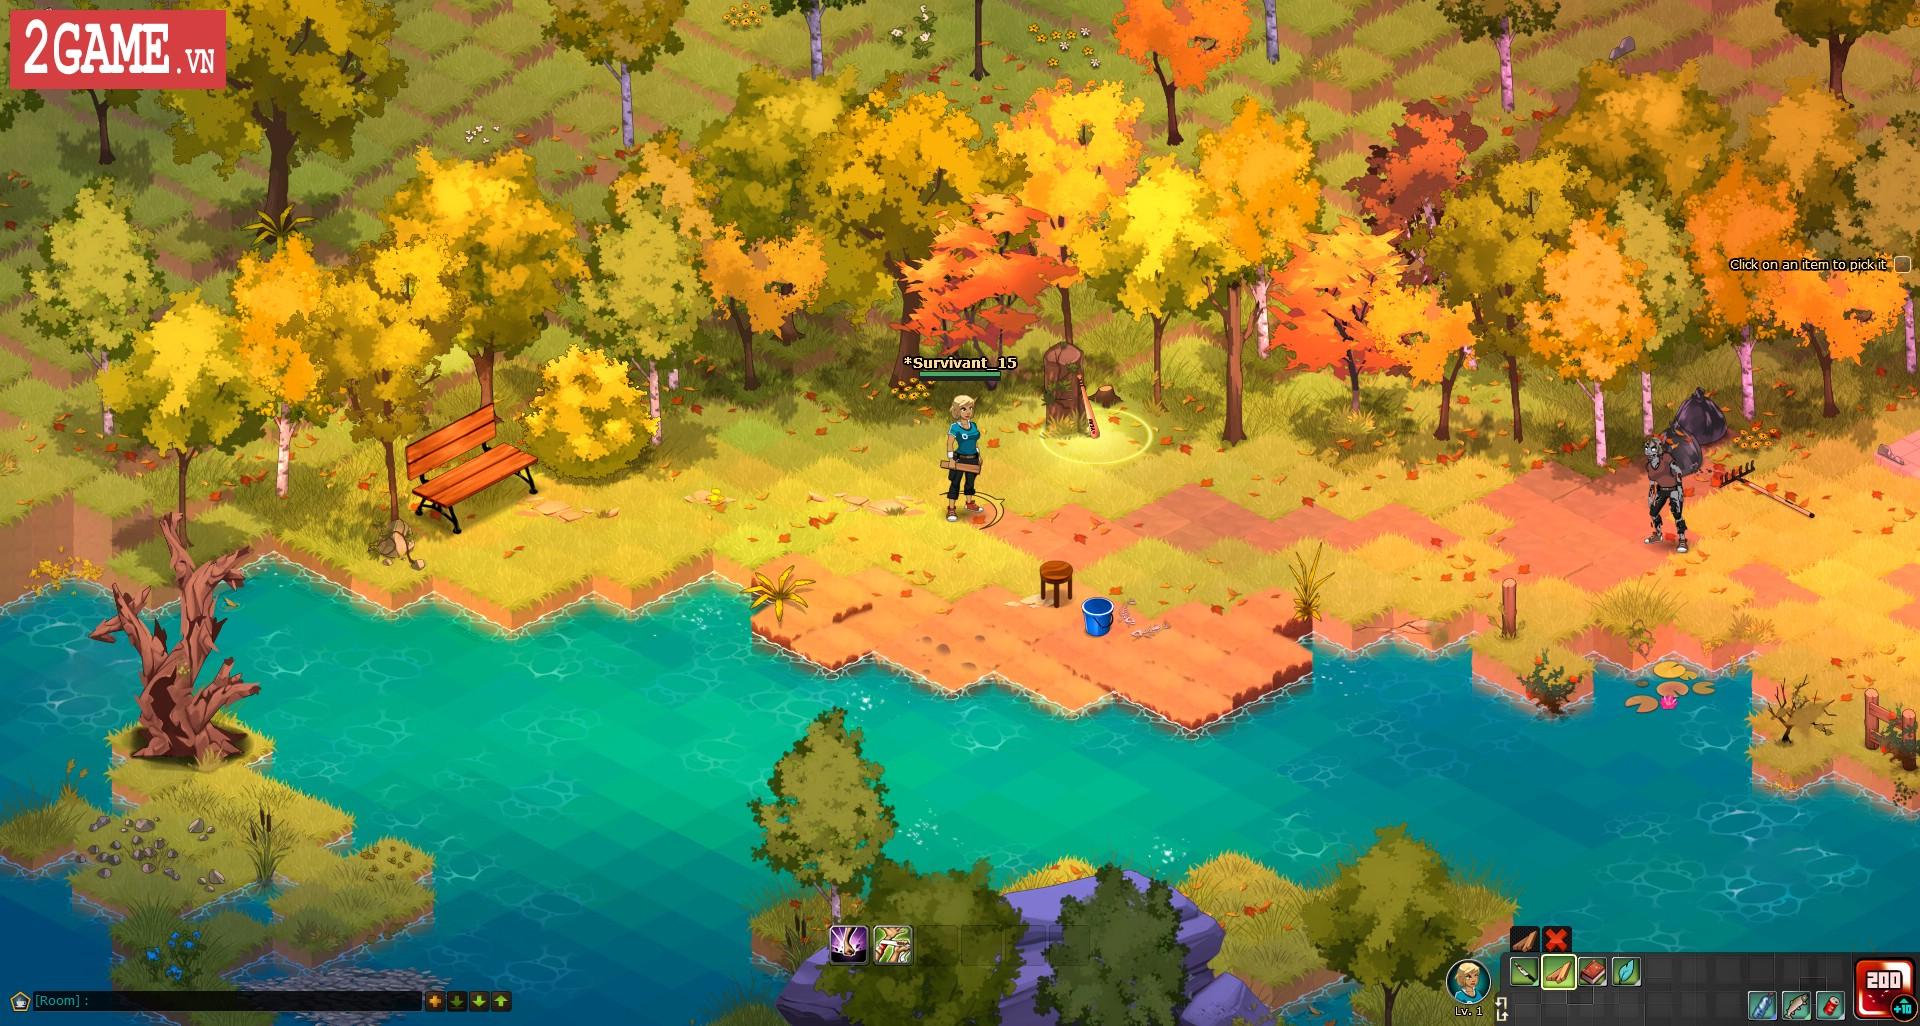 Dead Maze – Hé lộ dự án game nhập vai thế giới mở mới đầy đột phá 2